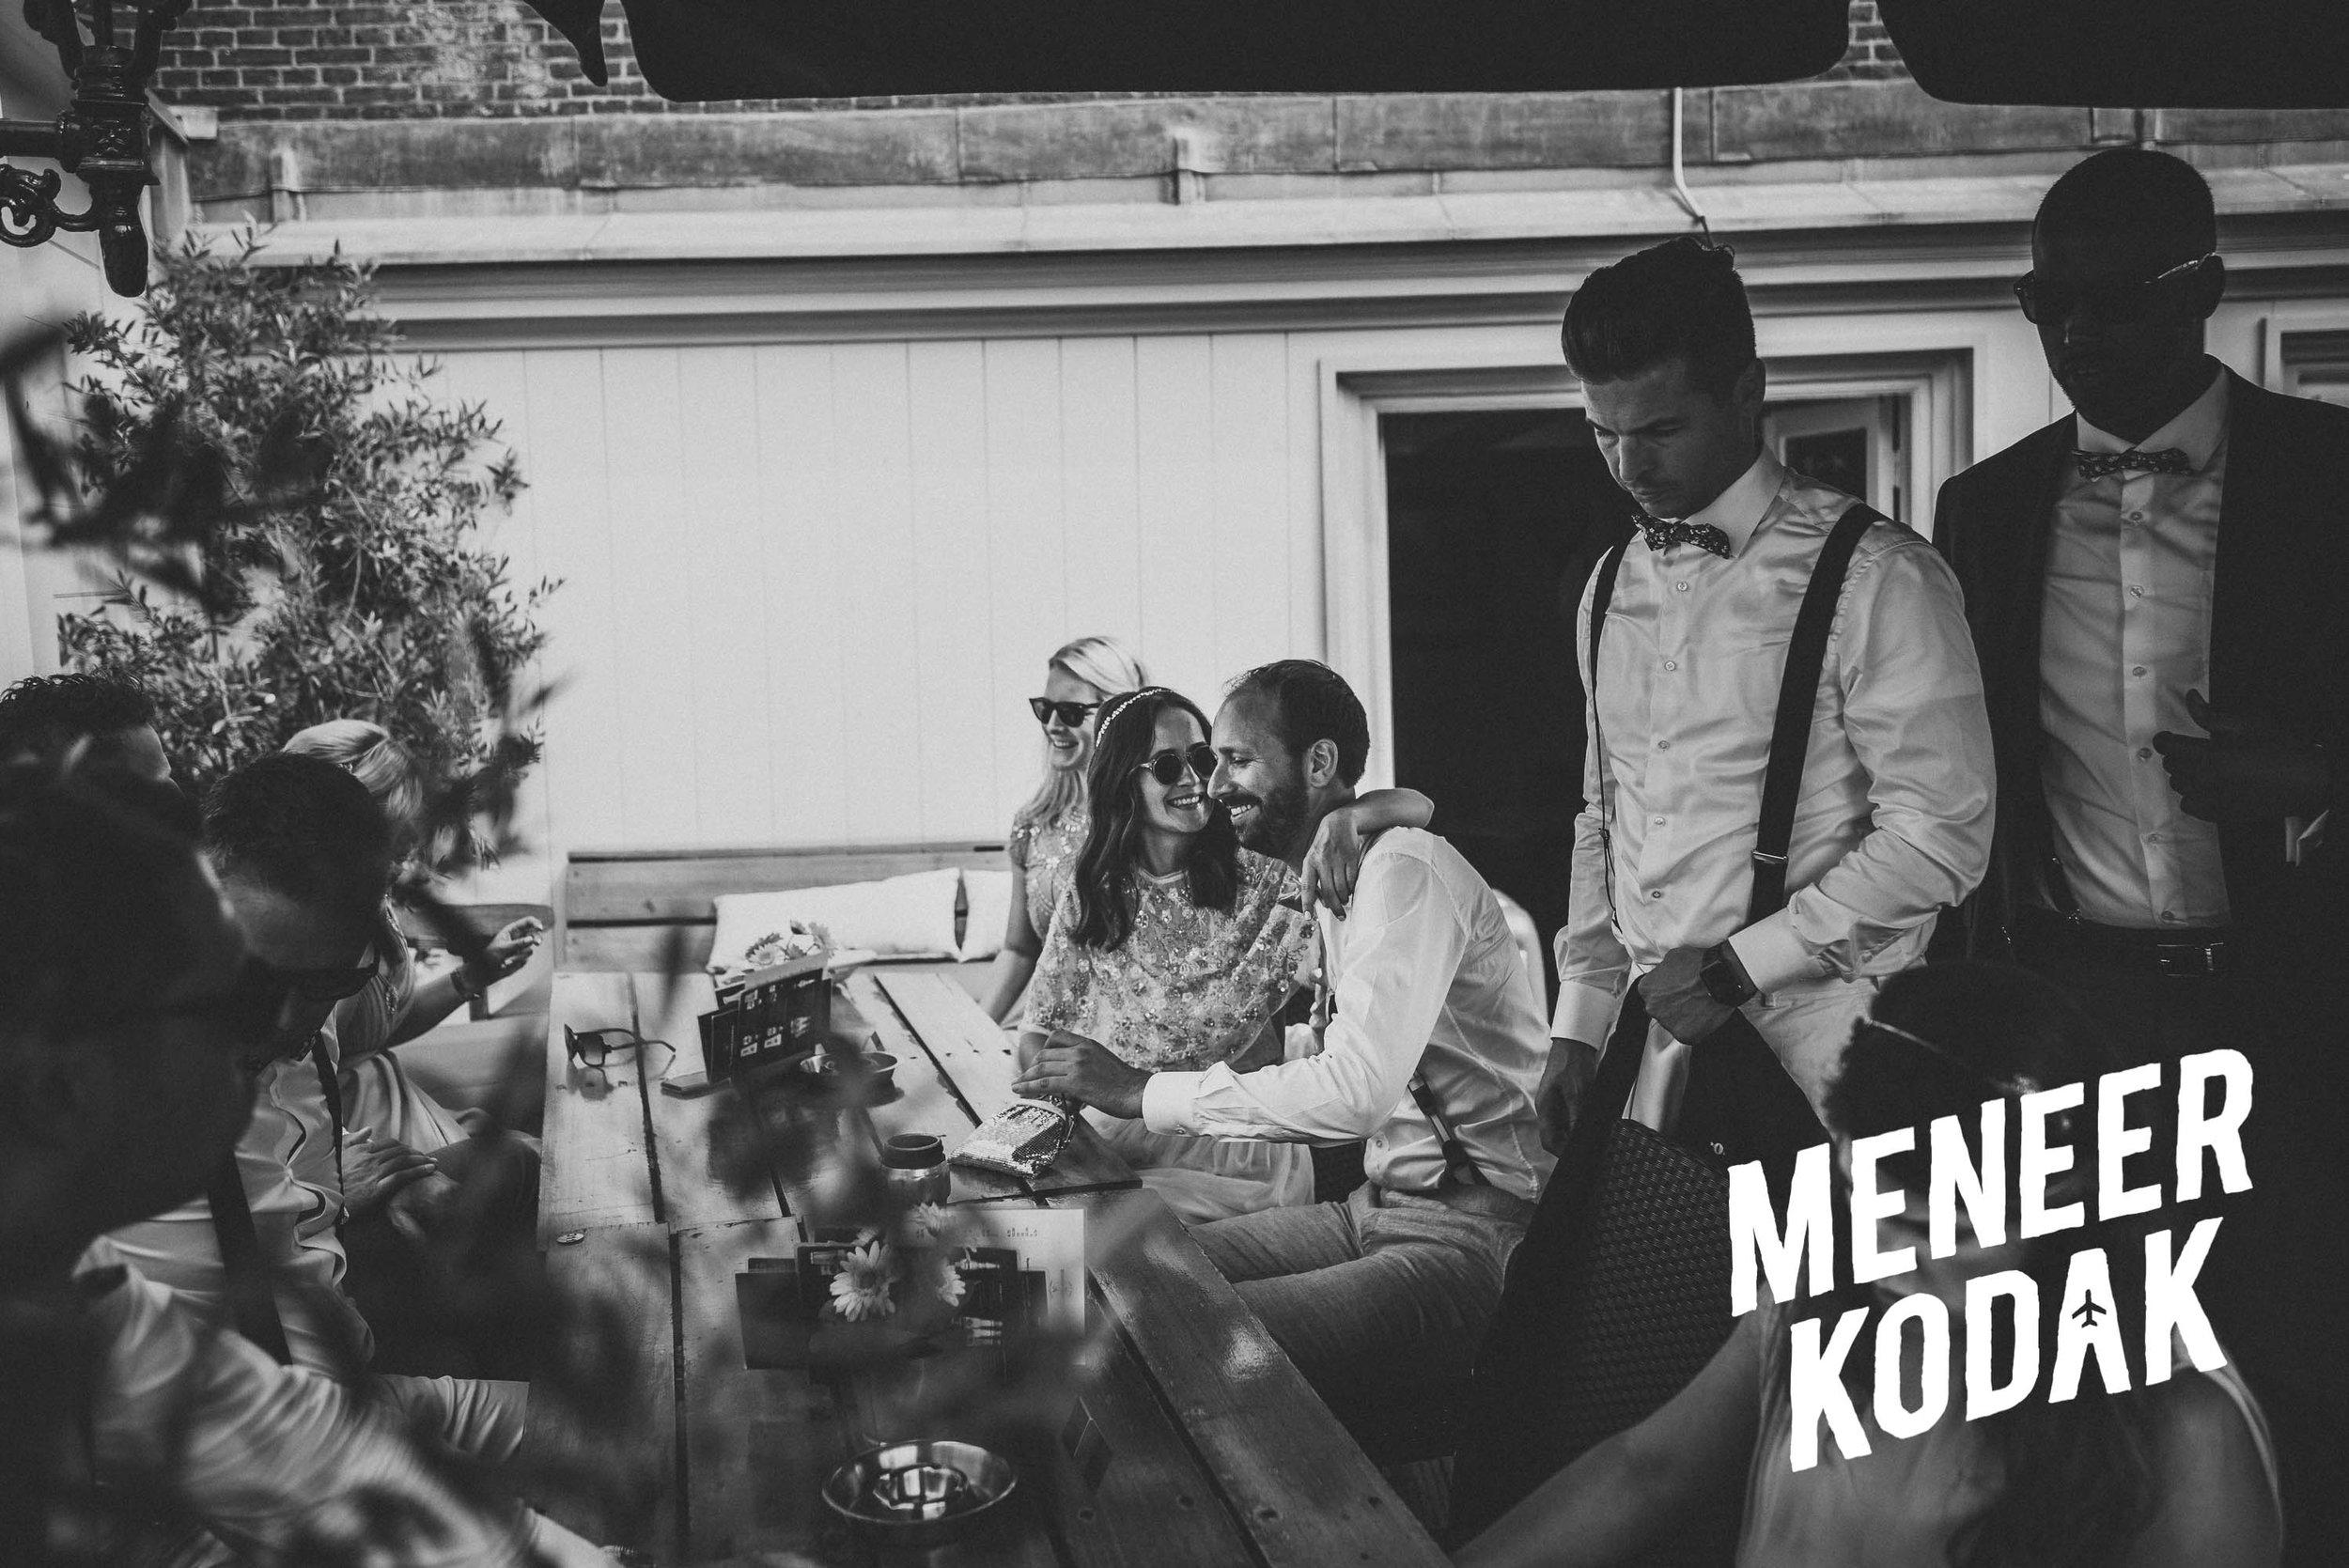 Meneer Kodak - Trouwfotograaf - Amsterdam - H&T-040.jpg